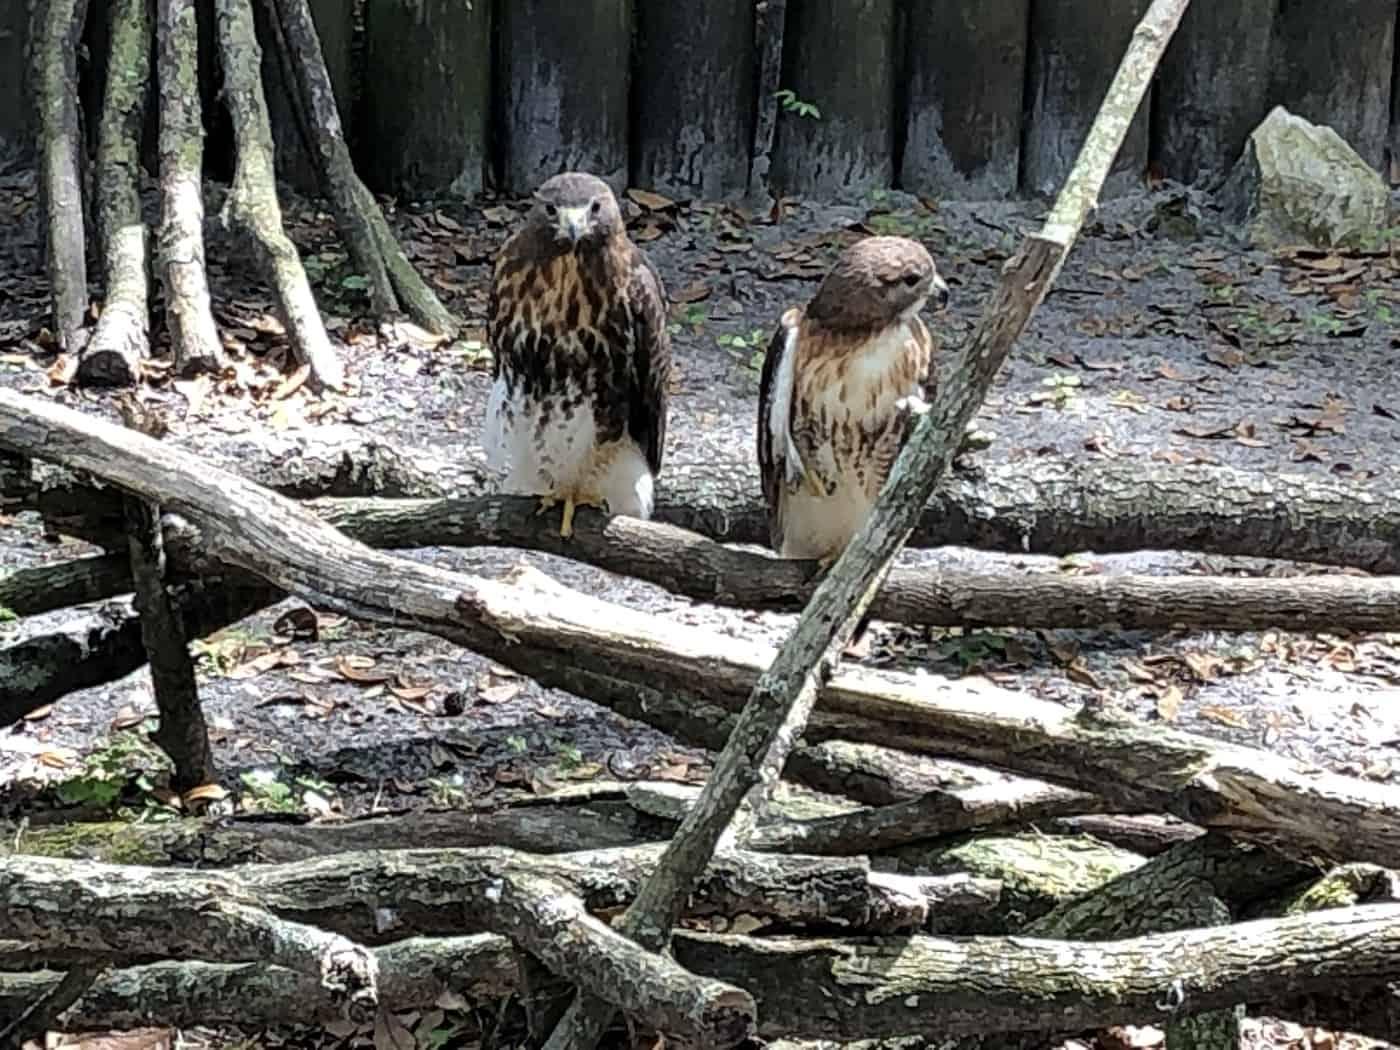 Ospreys Homosassa Springs